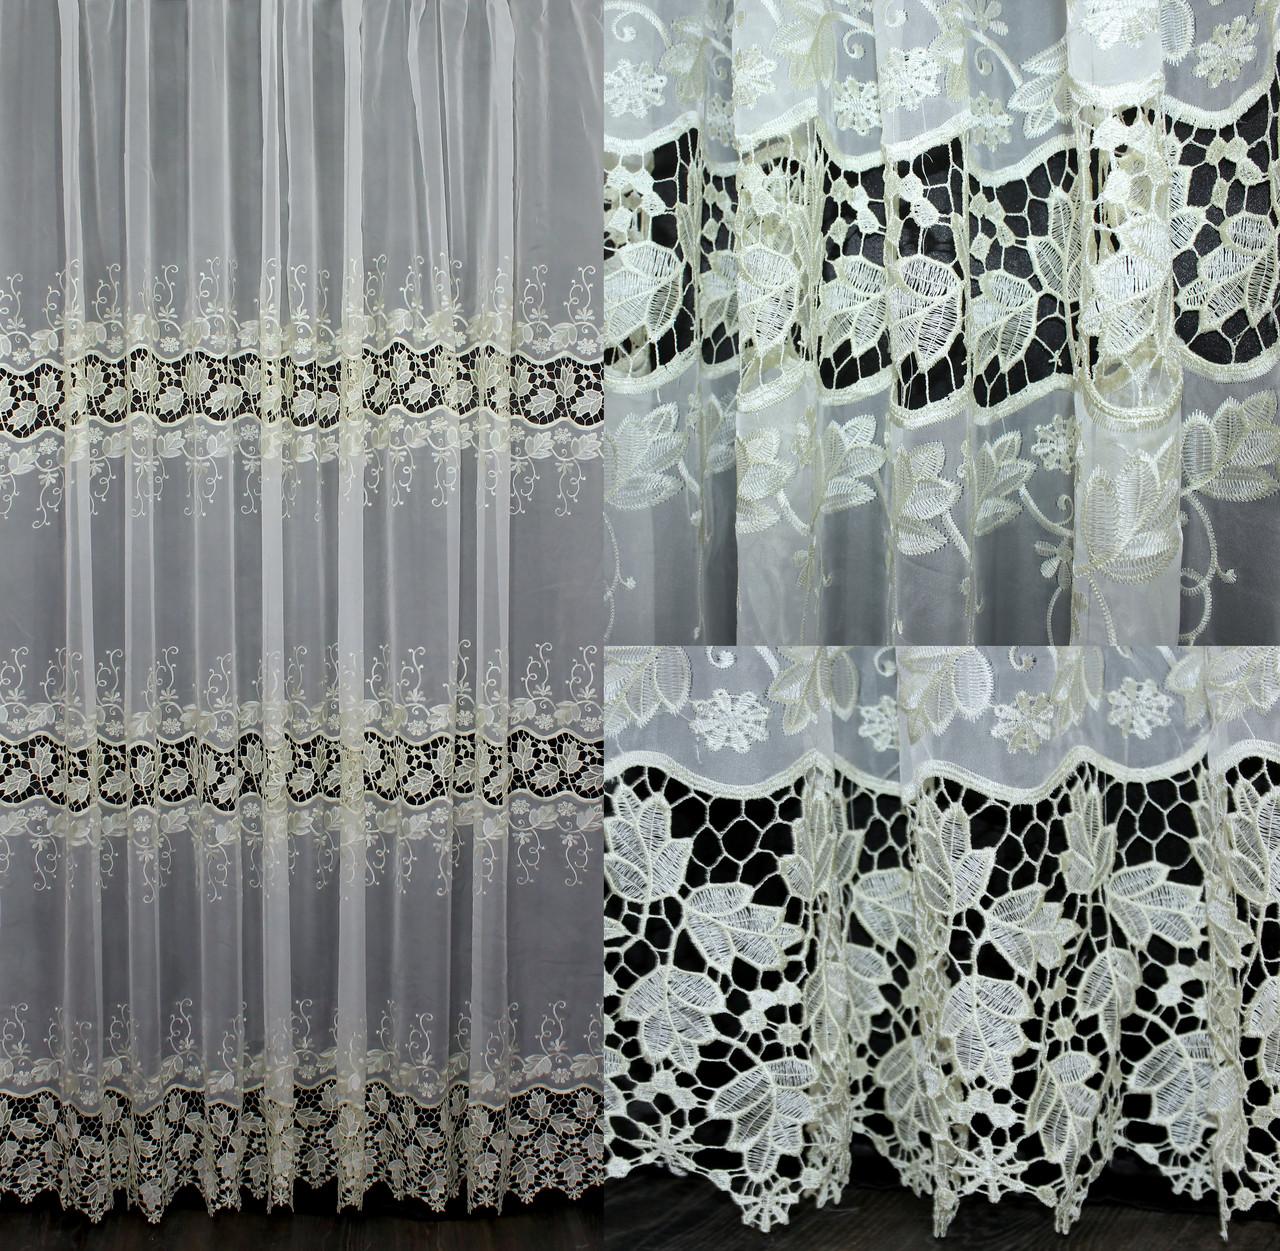 """Нарядна тюль,(3х2,5м) гардина з тканини """"Кристалон"""". Колір шампань. Код 552т 40-227"""